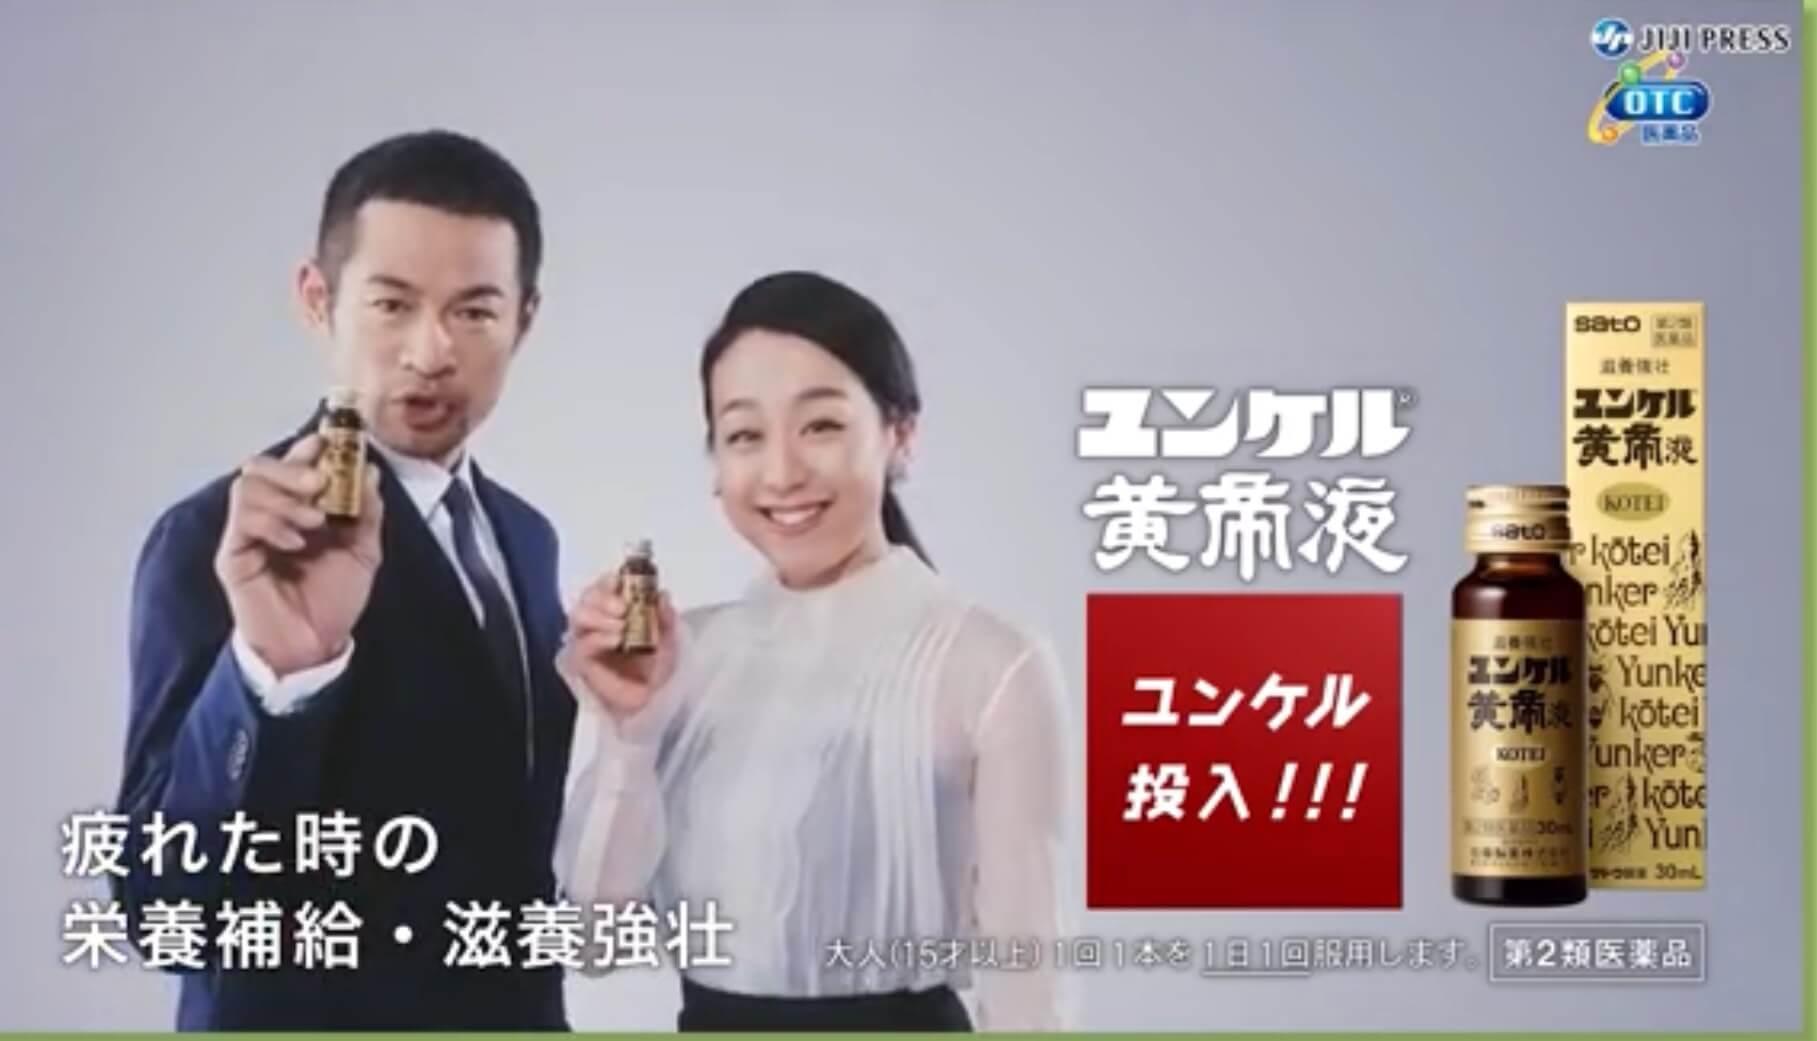 浅田真央とイチローのユンケルのCMが公開!キャッチボール映像も!